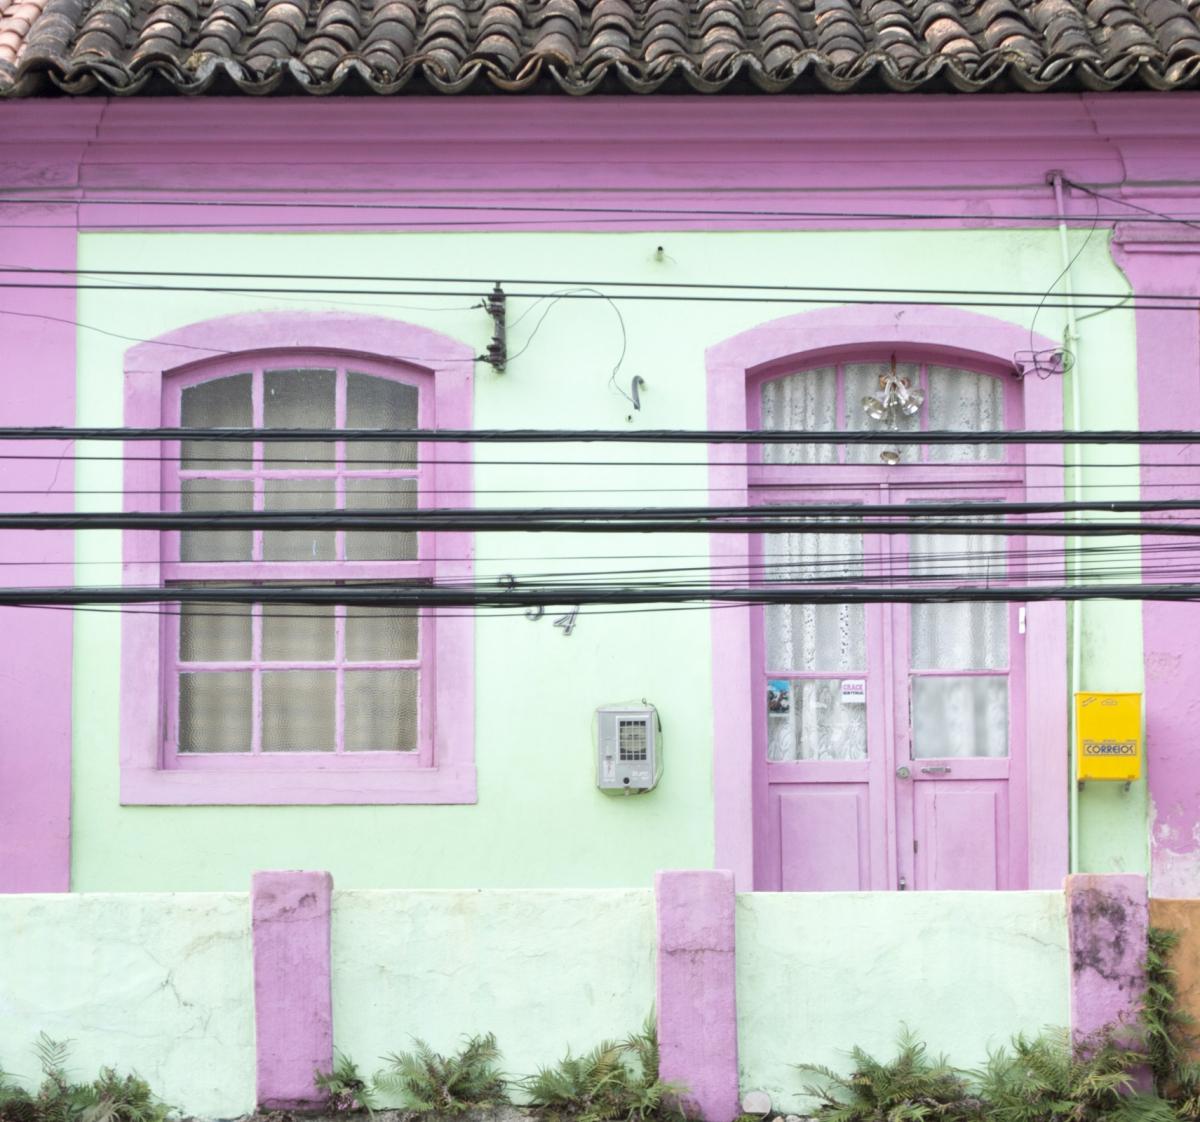 Imóvel localizado na Avenida Mauro Ramos, próximo ao Instituto Estadual de Educação - Milton Muniz/Divulgação/ND